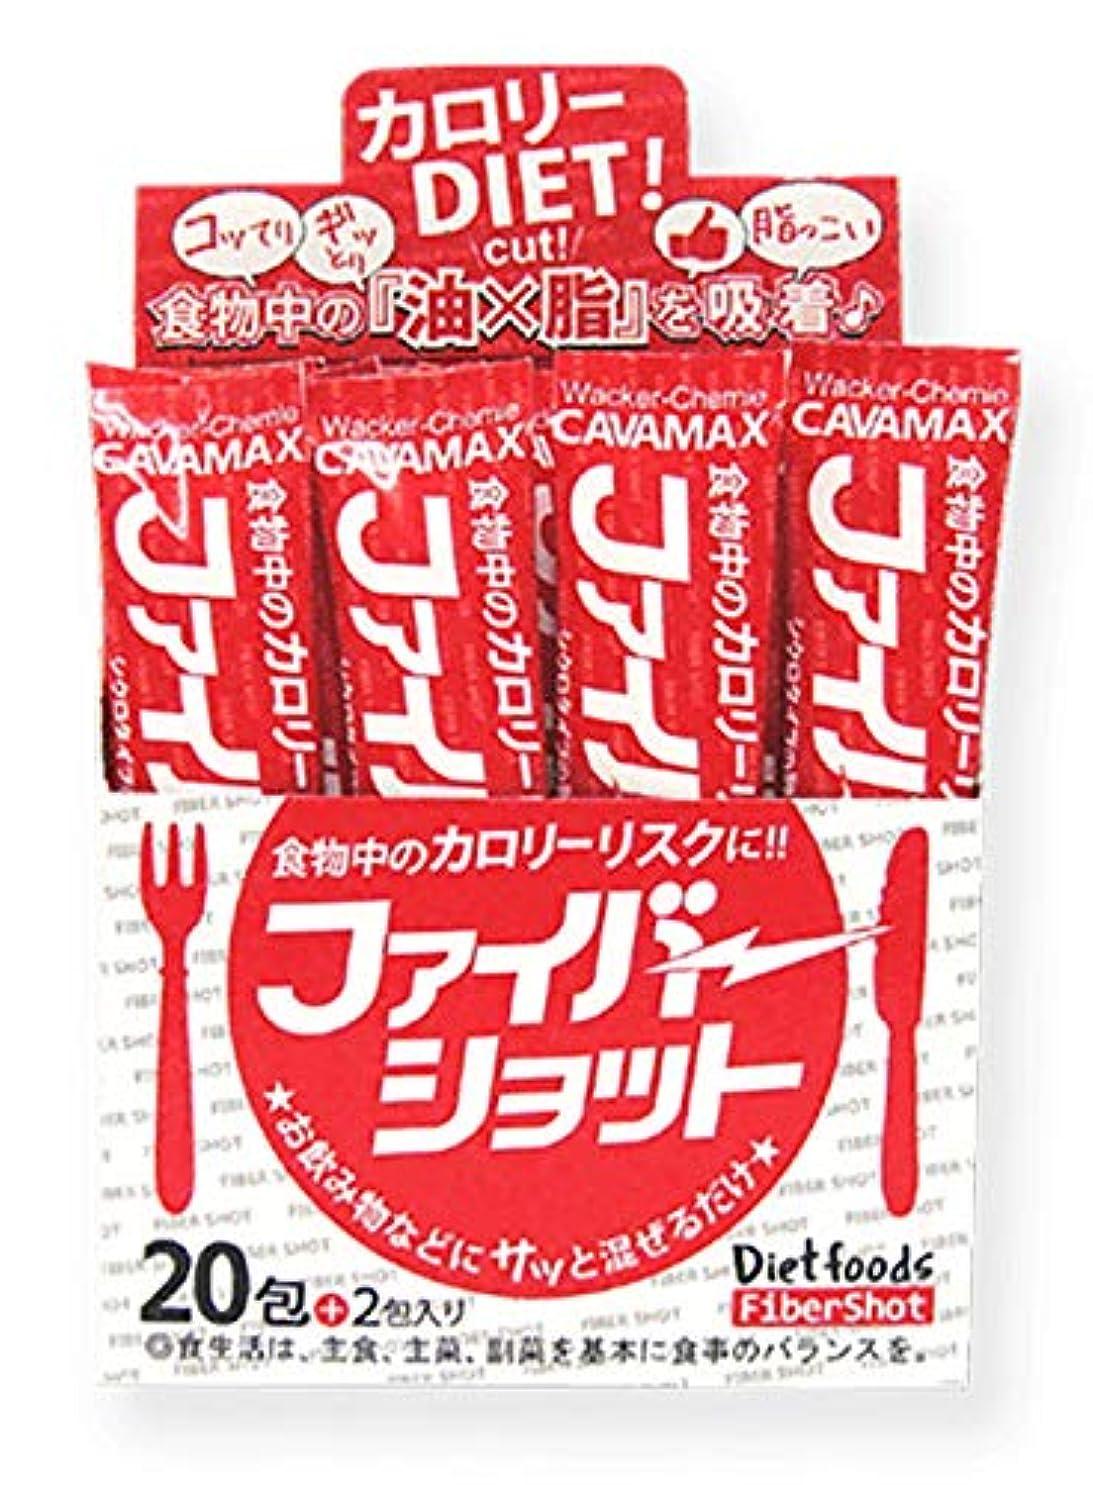 細い系統的鋼ファイバーショット (5g×22包) αシクロデキストリン 難消化性デキストリン 食物繊維 粉末